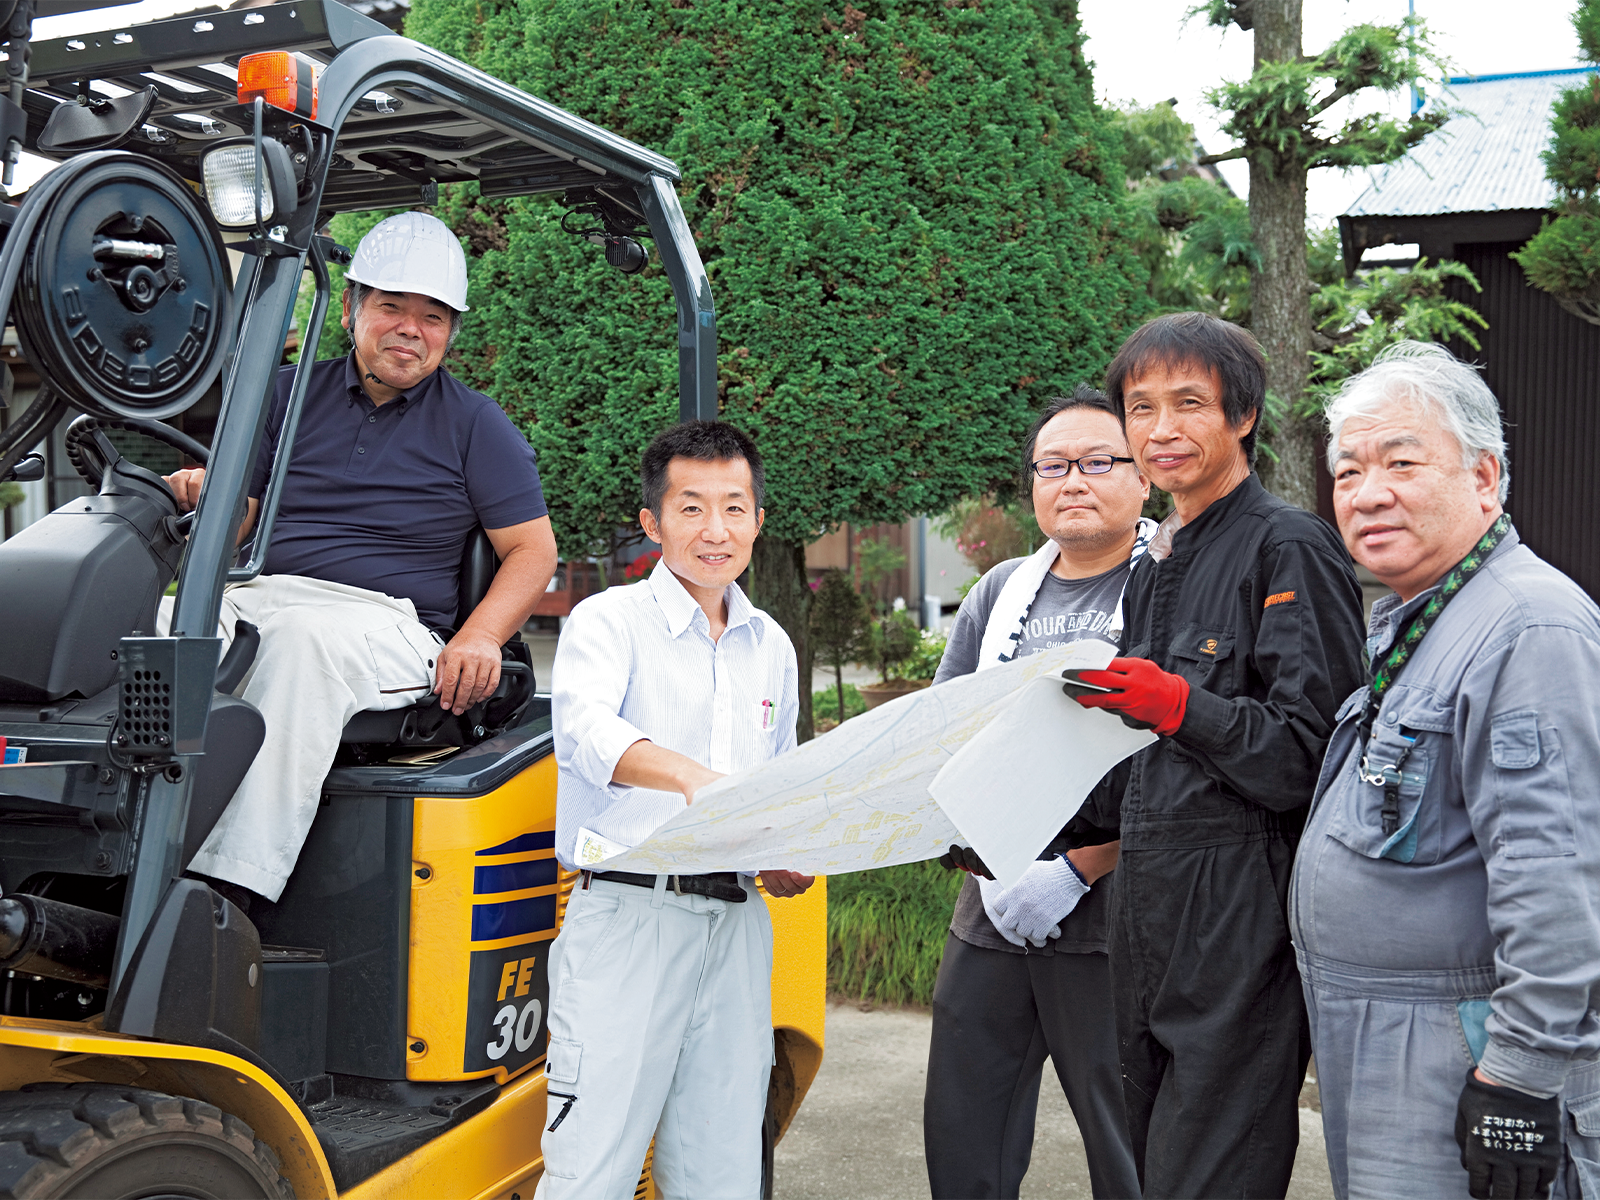 田んぼの持ち主から肥料撒きを請け負っているJA青壮年部と、調整役を務める生活環境課技師の政二さん(左から2人目)。メンバーが肥料撒きを実施。